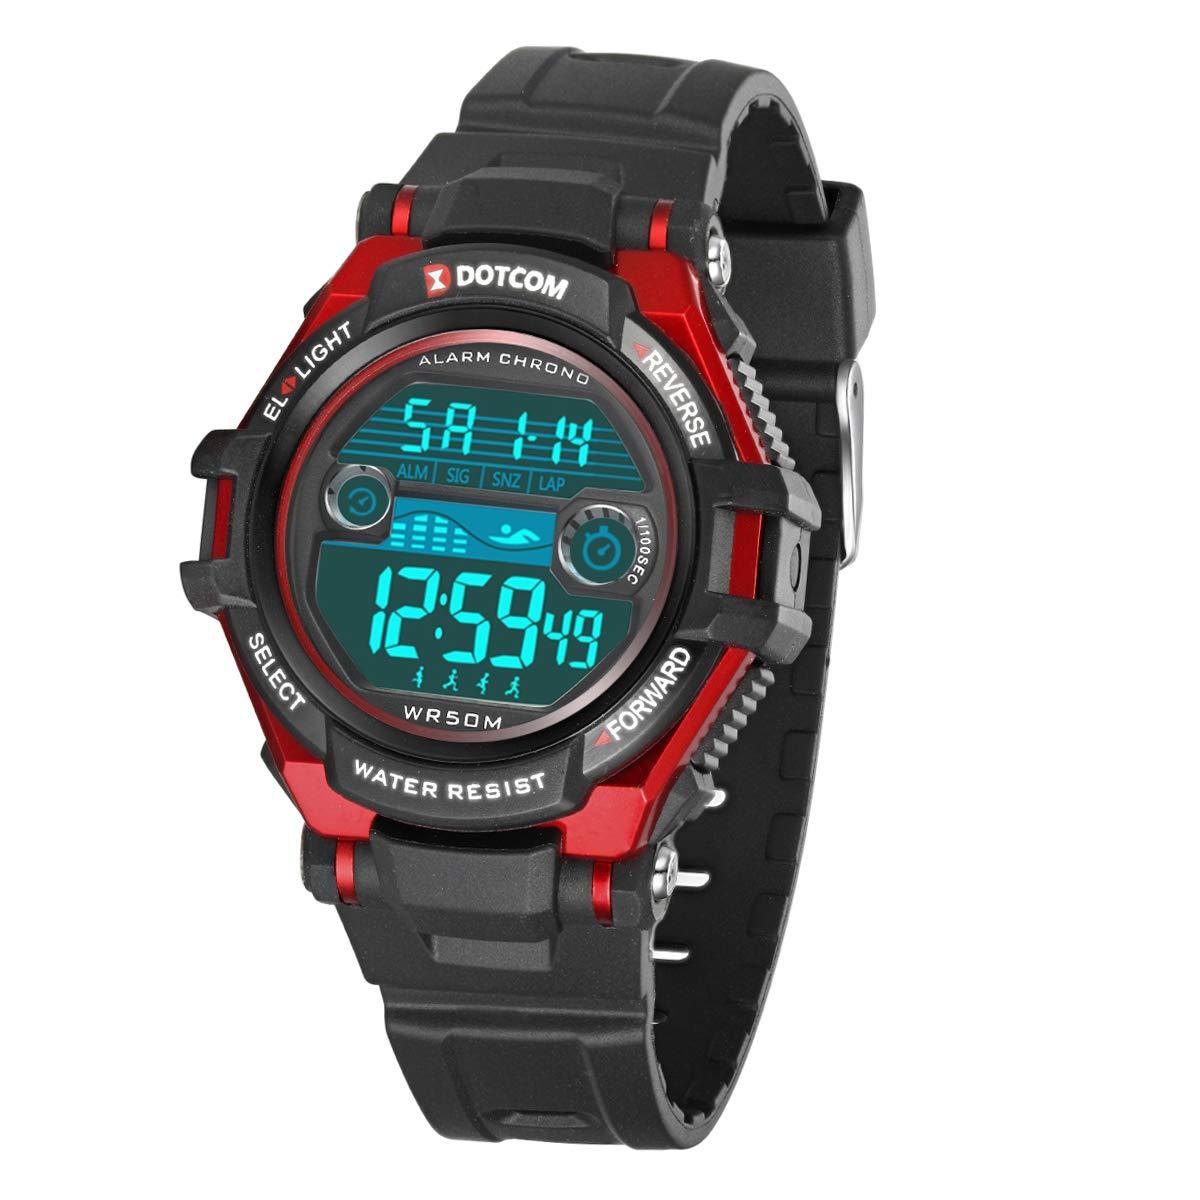 Relojes de Pulsera Electrónicos para Niños Niños Digital Relojes Deportes–5 ATM Reloj Deportivo Impermeable